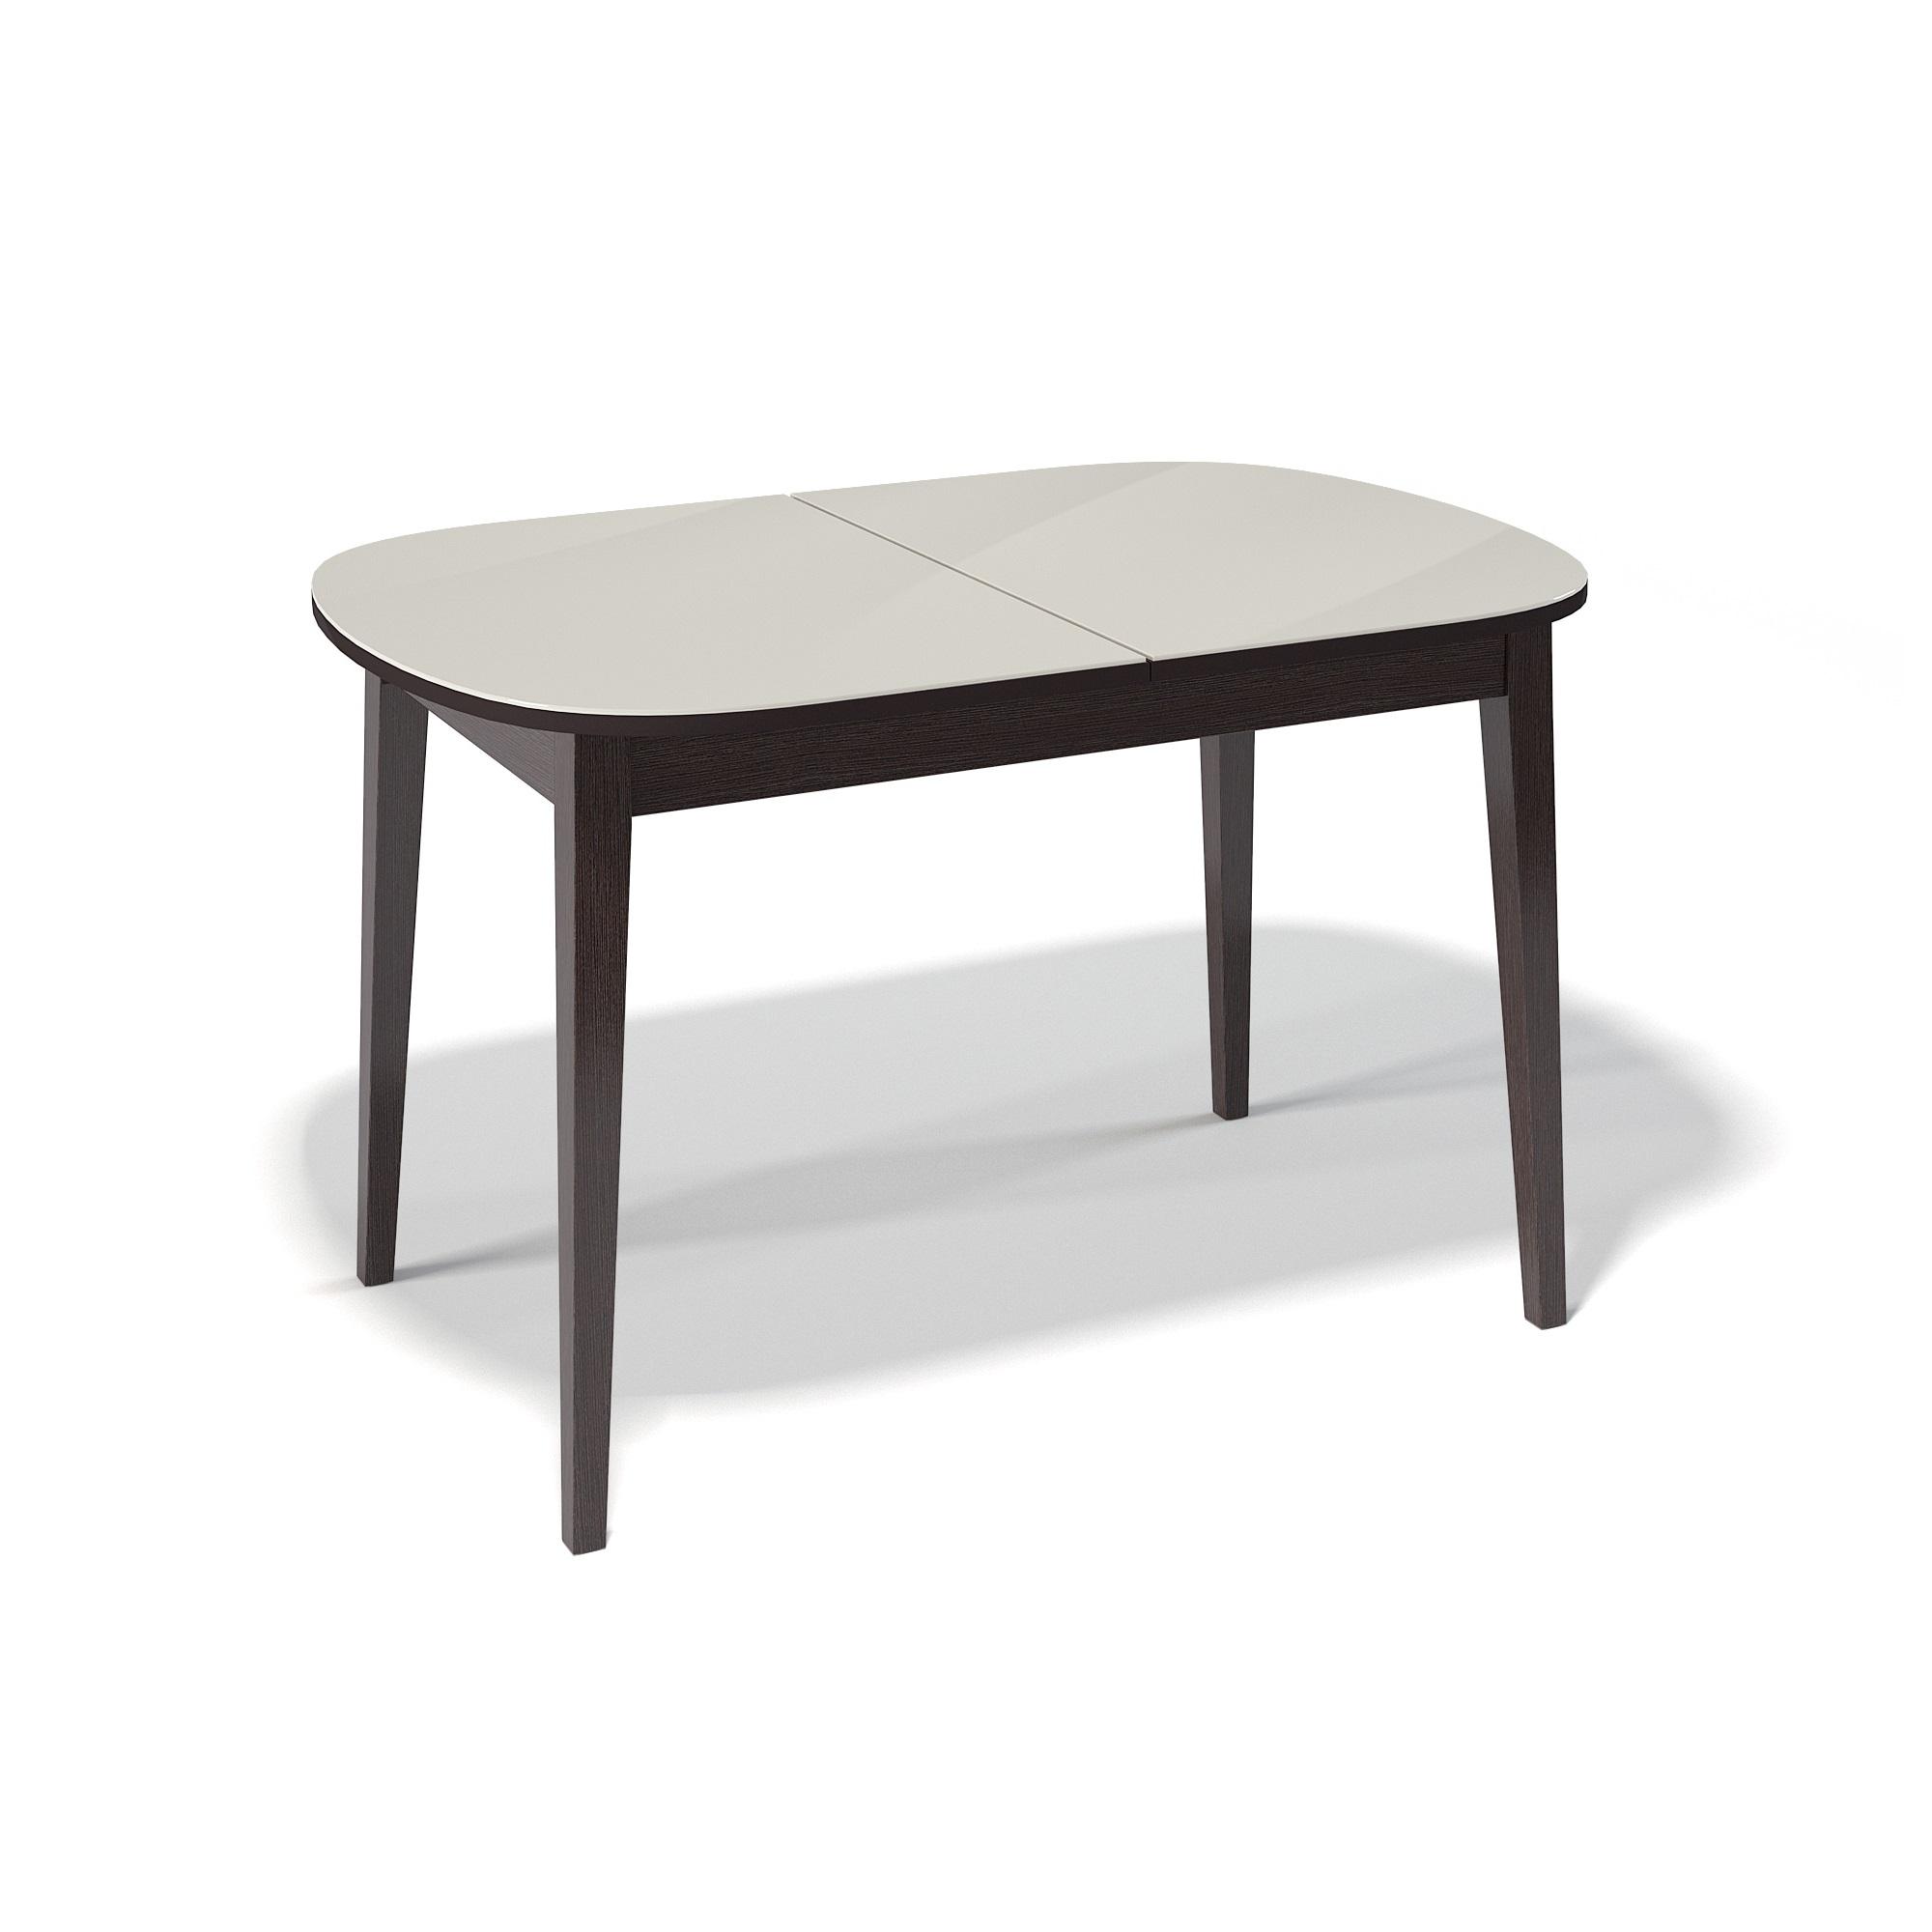 Стол обеденный KennerОбеденные столы<br>Ножки стола выполнены из массива бука, столешница - ДСП+стекло 4мм.&amp;amp;nbsp;&amp;lt;div&amp;gt;Механизм раскладки: синхронный, легкого скольжения.&amp;amp;nbsp;&amp;lt;/div&amp;gt;&amp;lt;div&amp;gt;На ножках установлены регулировочные винты.&amp;amp;nbsp;&amp;lt;/div&amp;gt;&amp;lt;div&amp;gt;Фурнитура в комплекте.&amp;amp;nbsp;&amp;lt;/div&amp;gt;&amp;lt;div&amp;gt;Стол раскладной,вставка &amp;quot;бабочка&amp;quot; со стеклом.&amp;amp;nbsp;&amp;lt;/div&amp;gt;&amp;lt;div&amp;gt;Р&amp;lt;span style=&amp;quot;font-size: 14px;&amp;quot;&amp;gt;азмер столешницы в разложенном виде: 160х75 см.&amp;lt;/span&amp;gt;&amp;lt;/div&amp;gt;<br><br>Material: Дерево<br>Ширина см: 120<br>Высота см: 75<br>Глубина см: 80